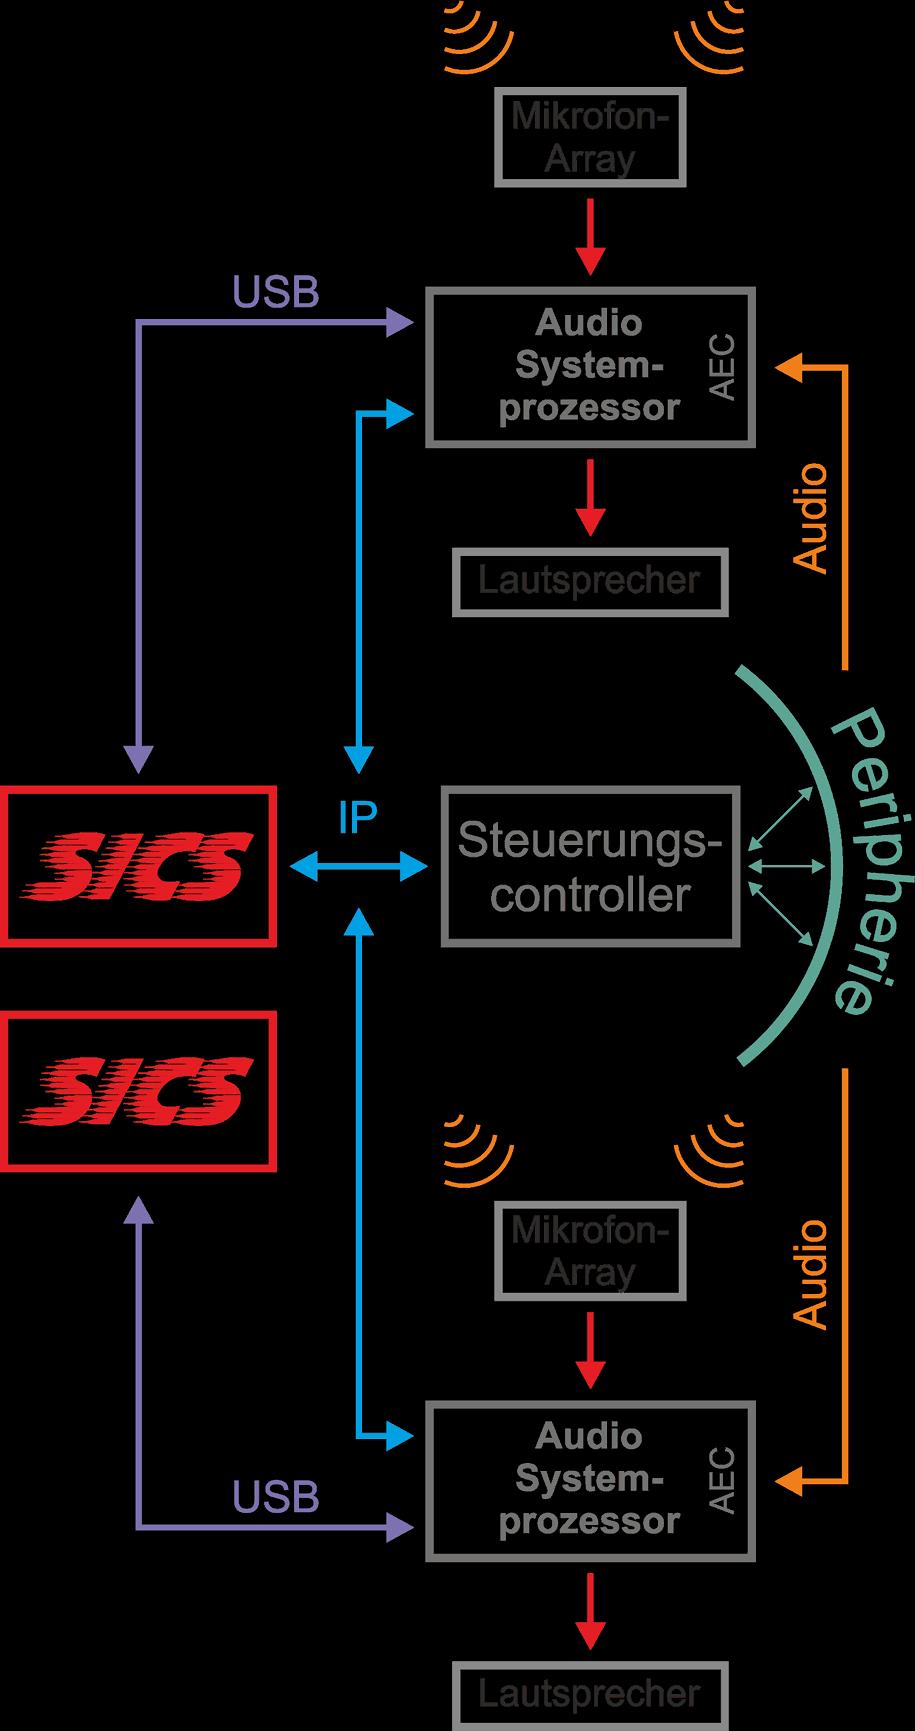 Aha! A/V-Systemintegration SICS - Gebäude 2 Konferenzräume